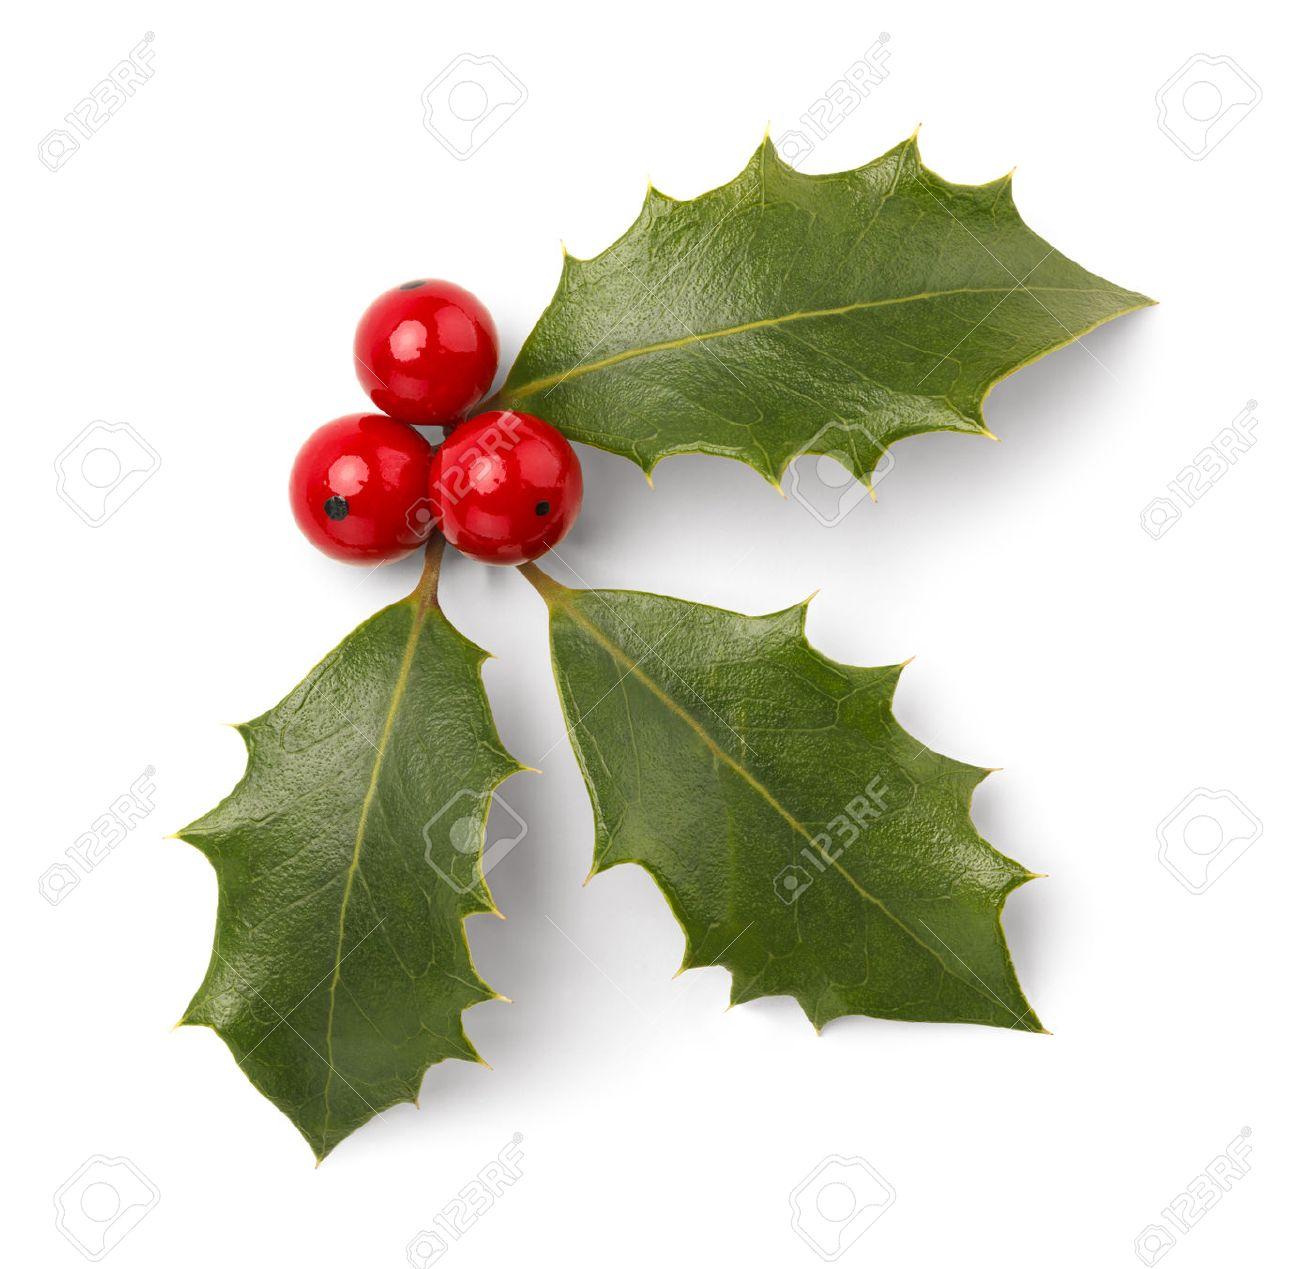 Feuille De Houx feuilles de houx et de baies rouges isolé sur fond blanc. banque d